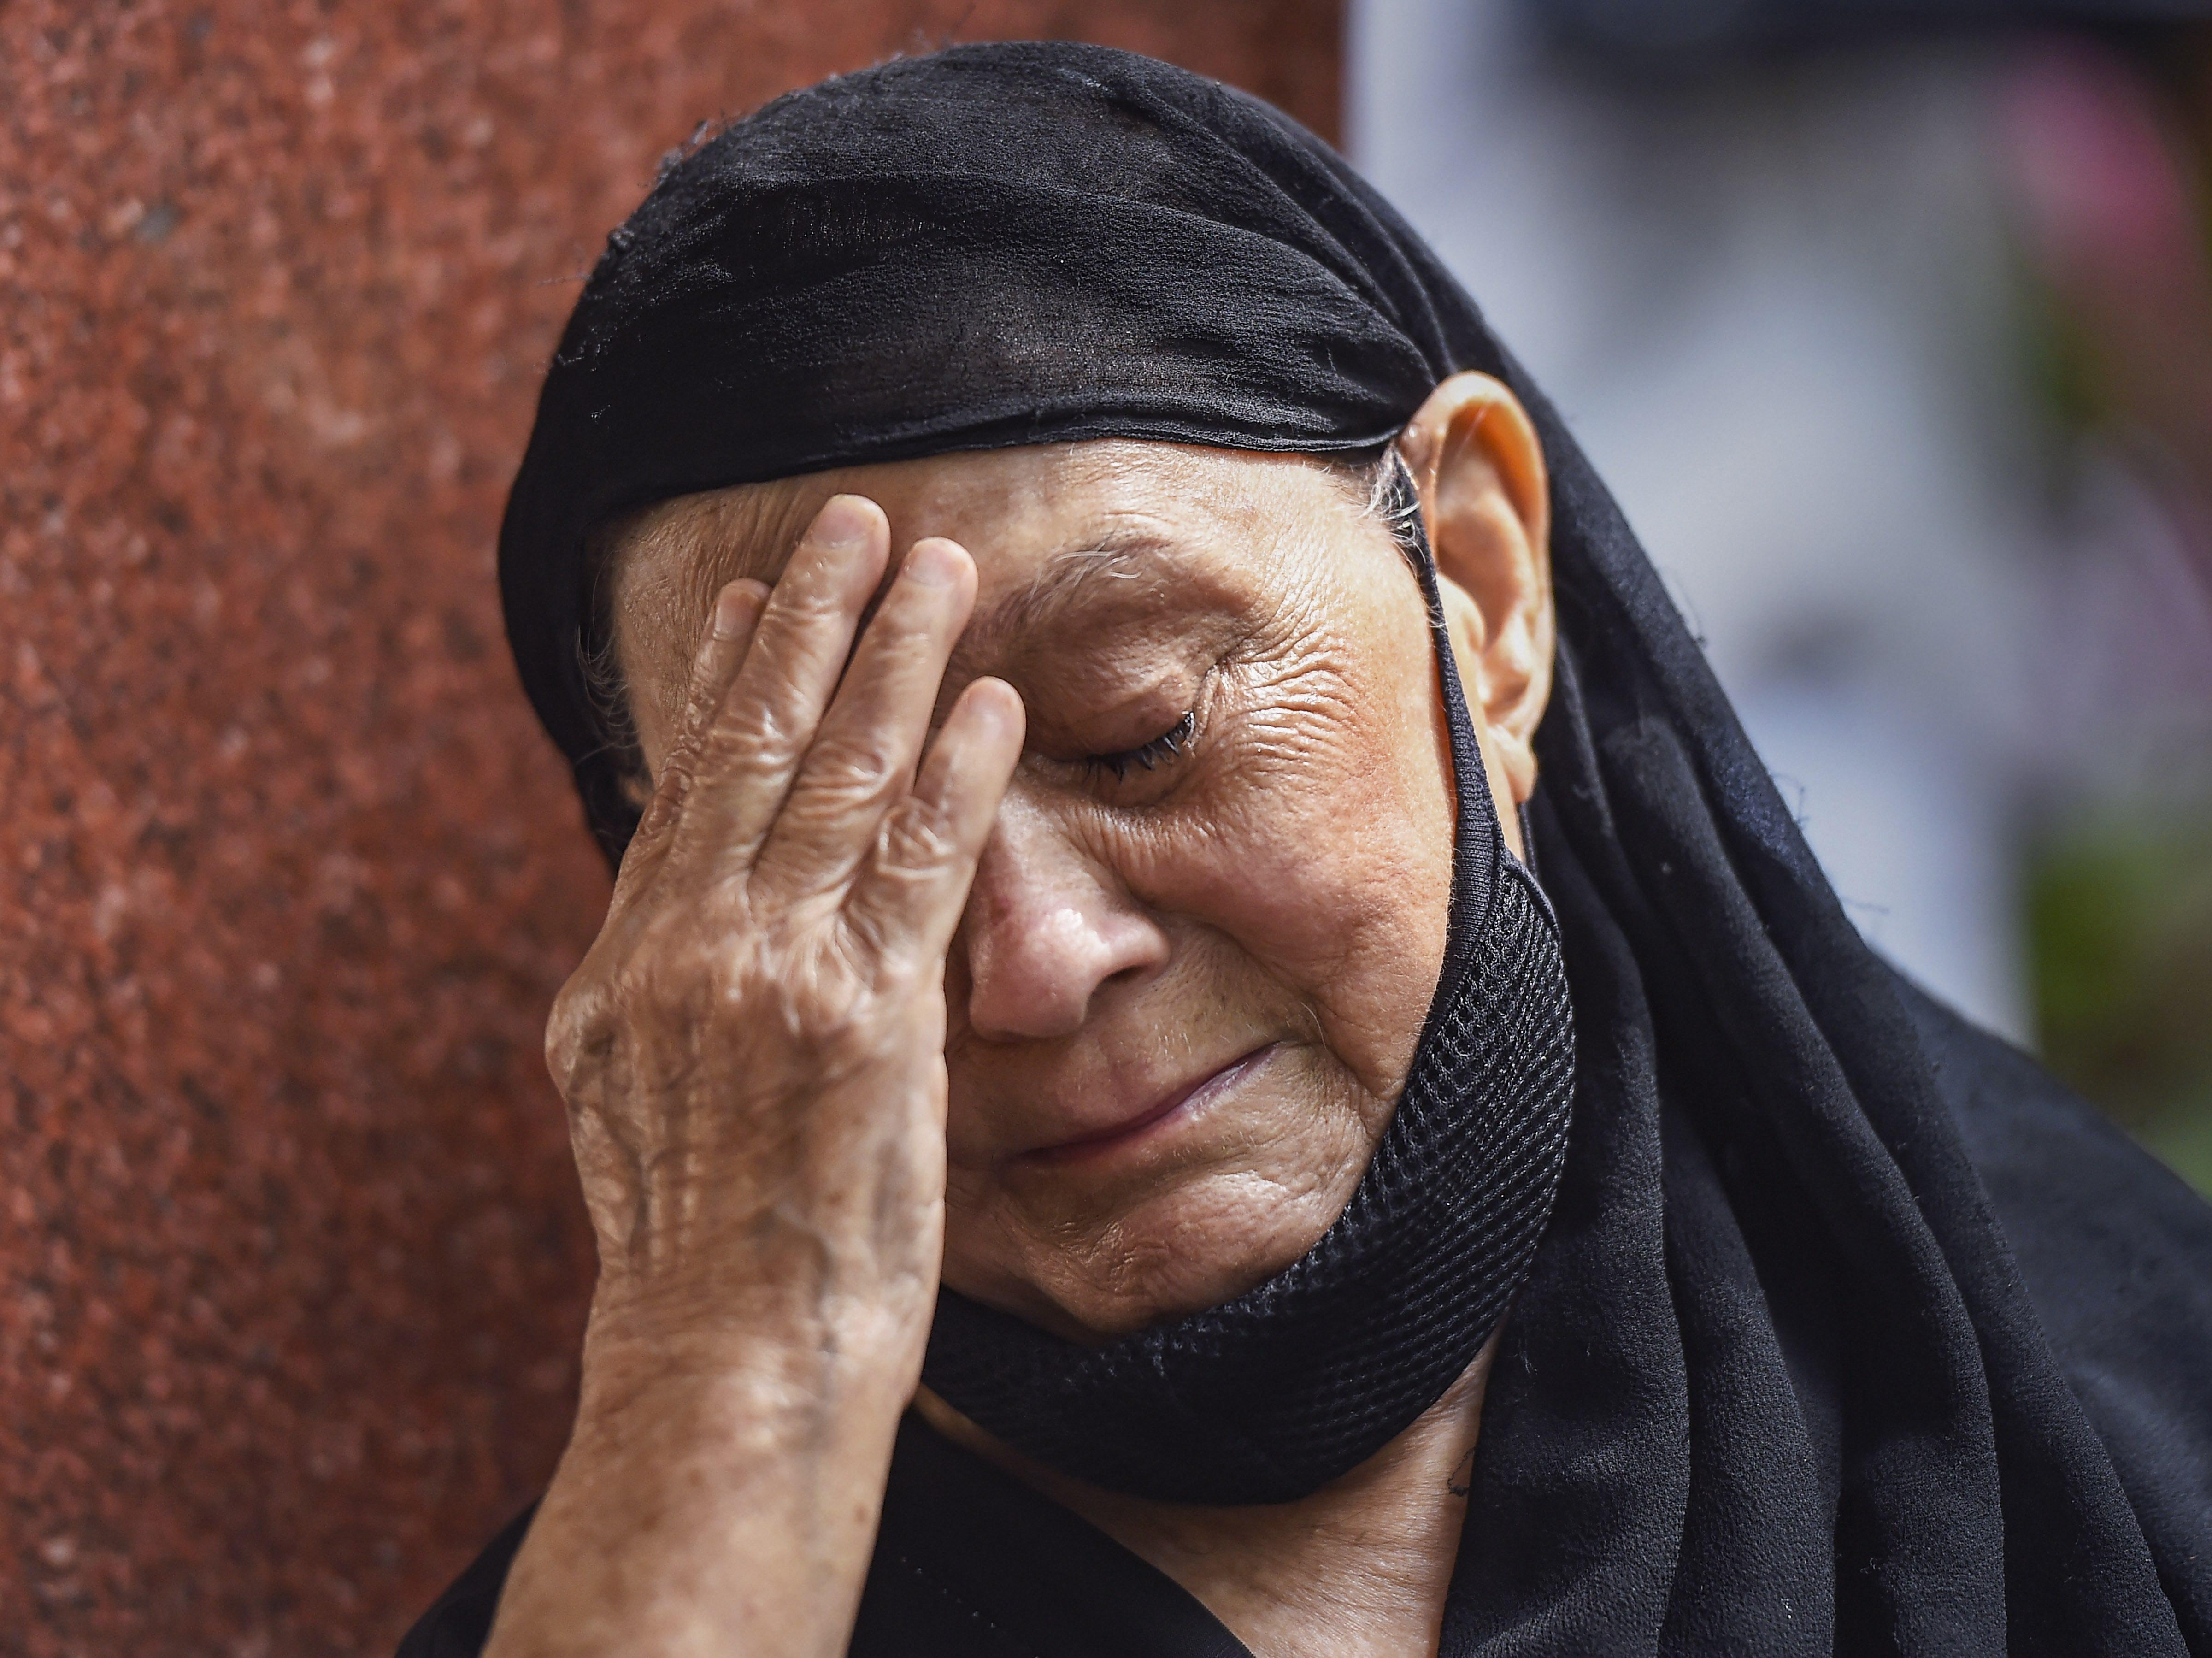 दिलीप कुमार की एक फैन उनके घर के बाहर आंसू बहाते हुए।